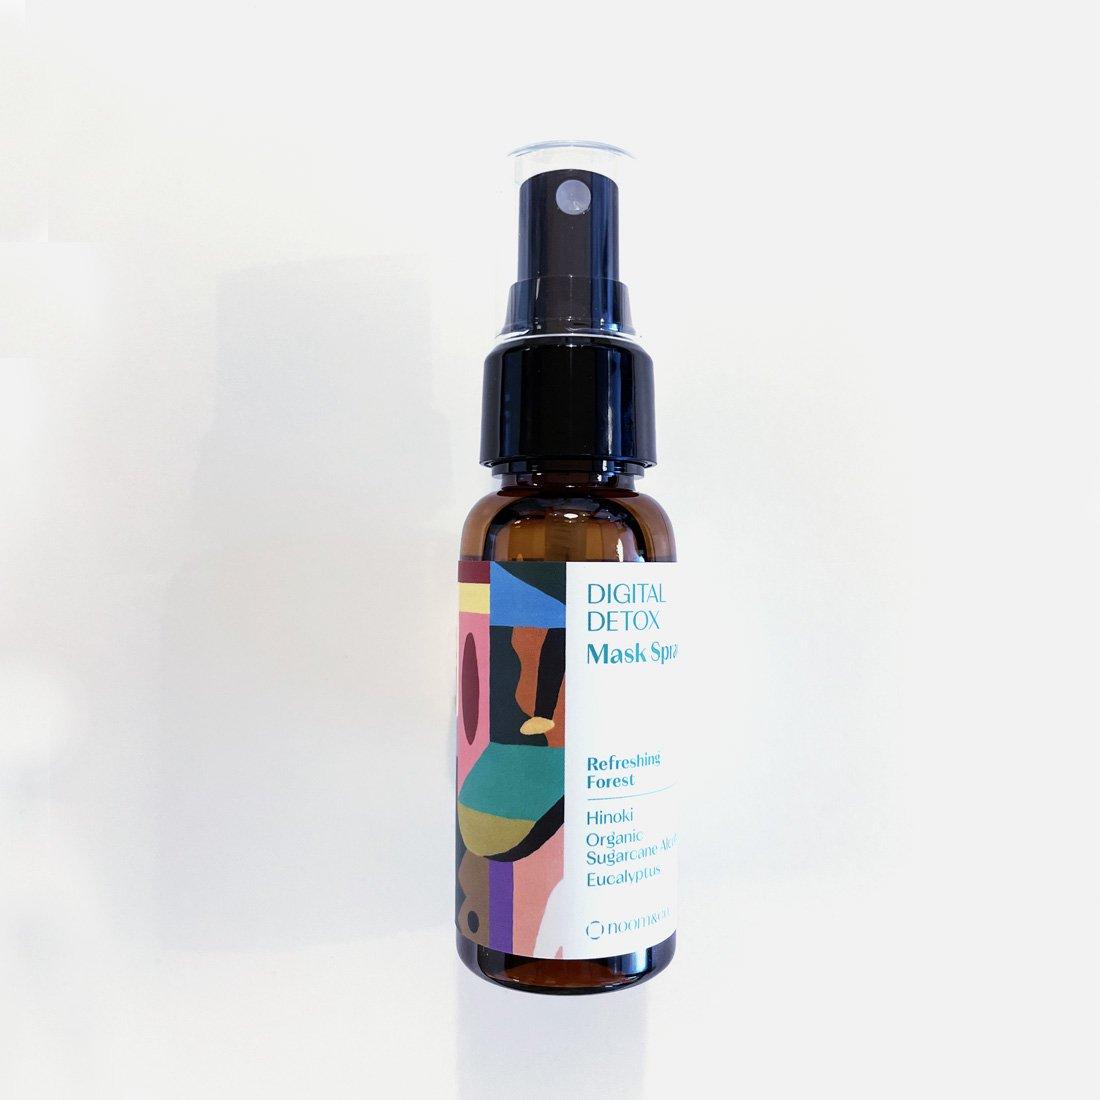 「いつでも、どこでも、気軽に森林浴を体験。」DIGITAL DETOX Refreshing Forest Mask Spray